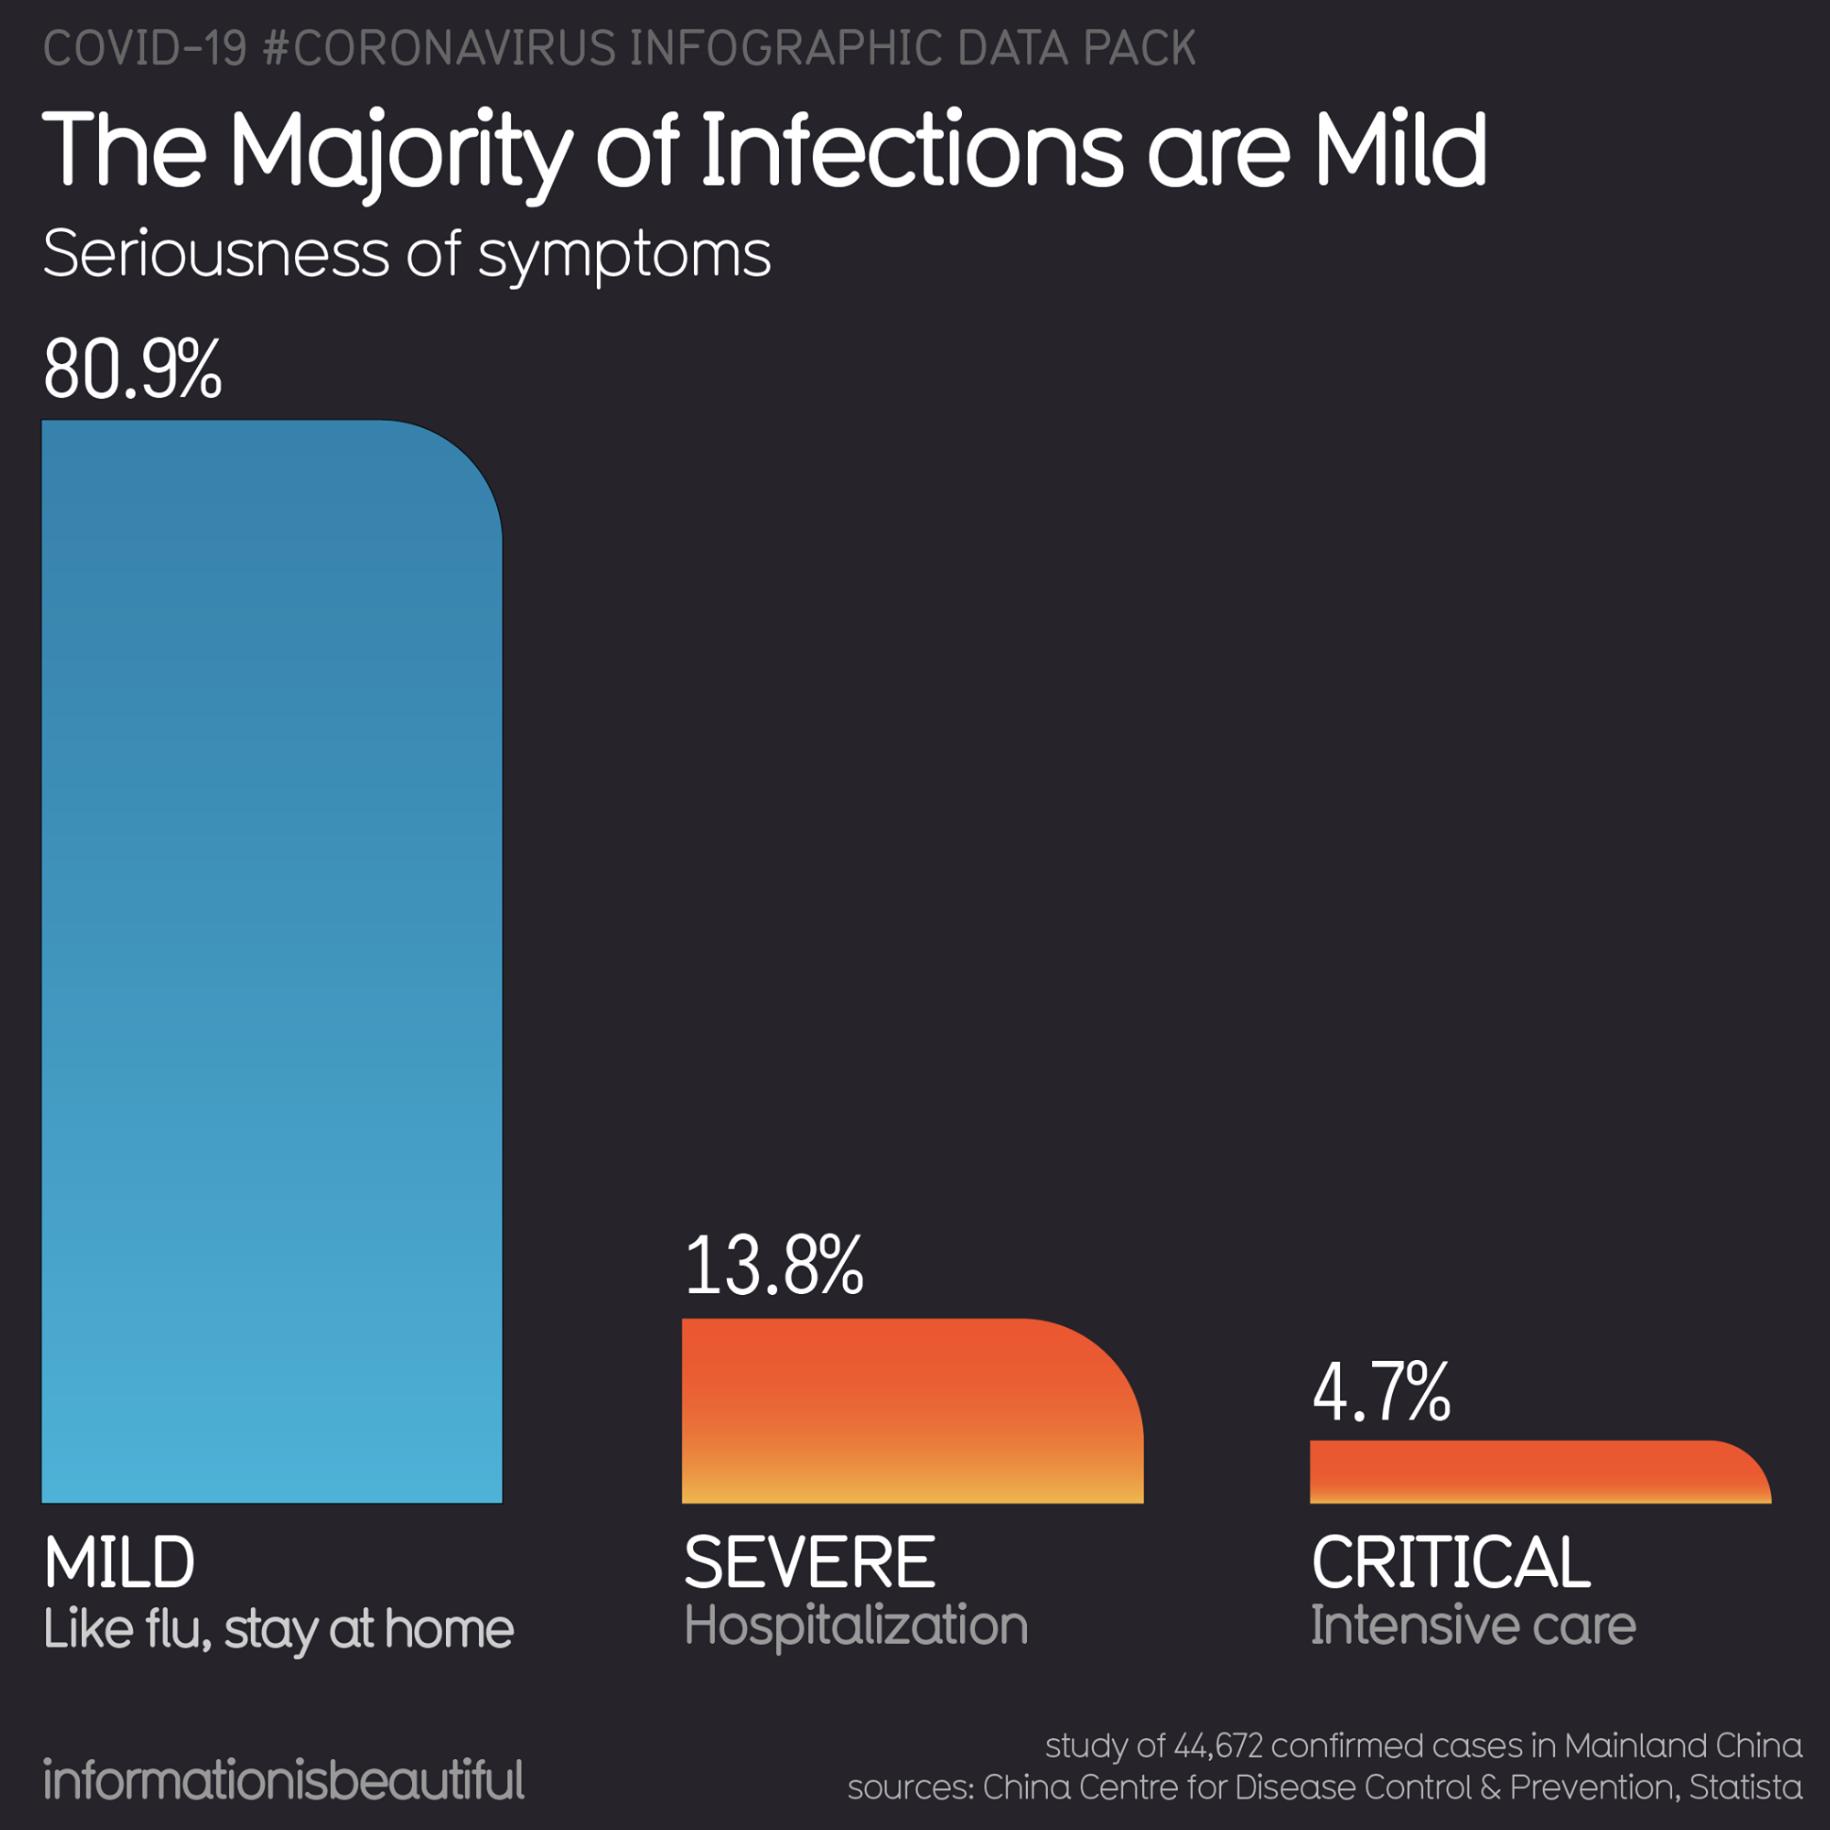 میزان جدی بودن علائم ویروس: اکثر موارد ابتلا خفیف هستند